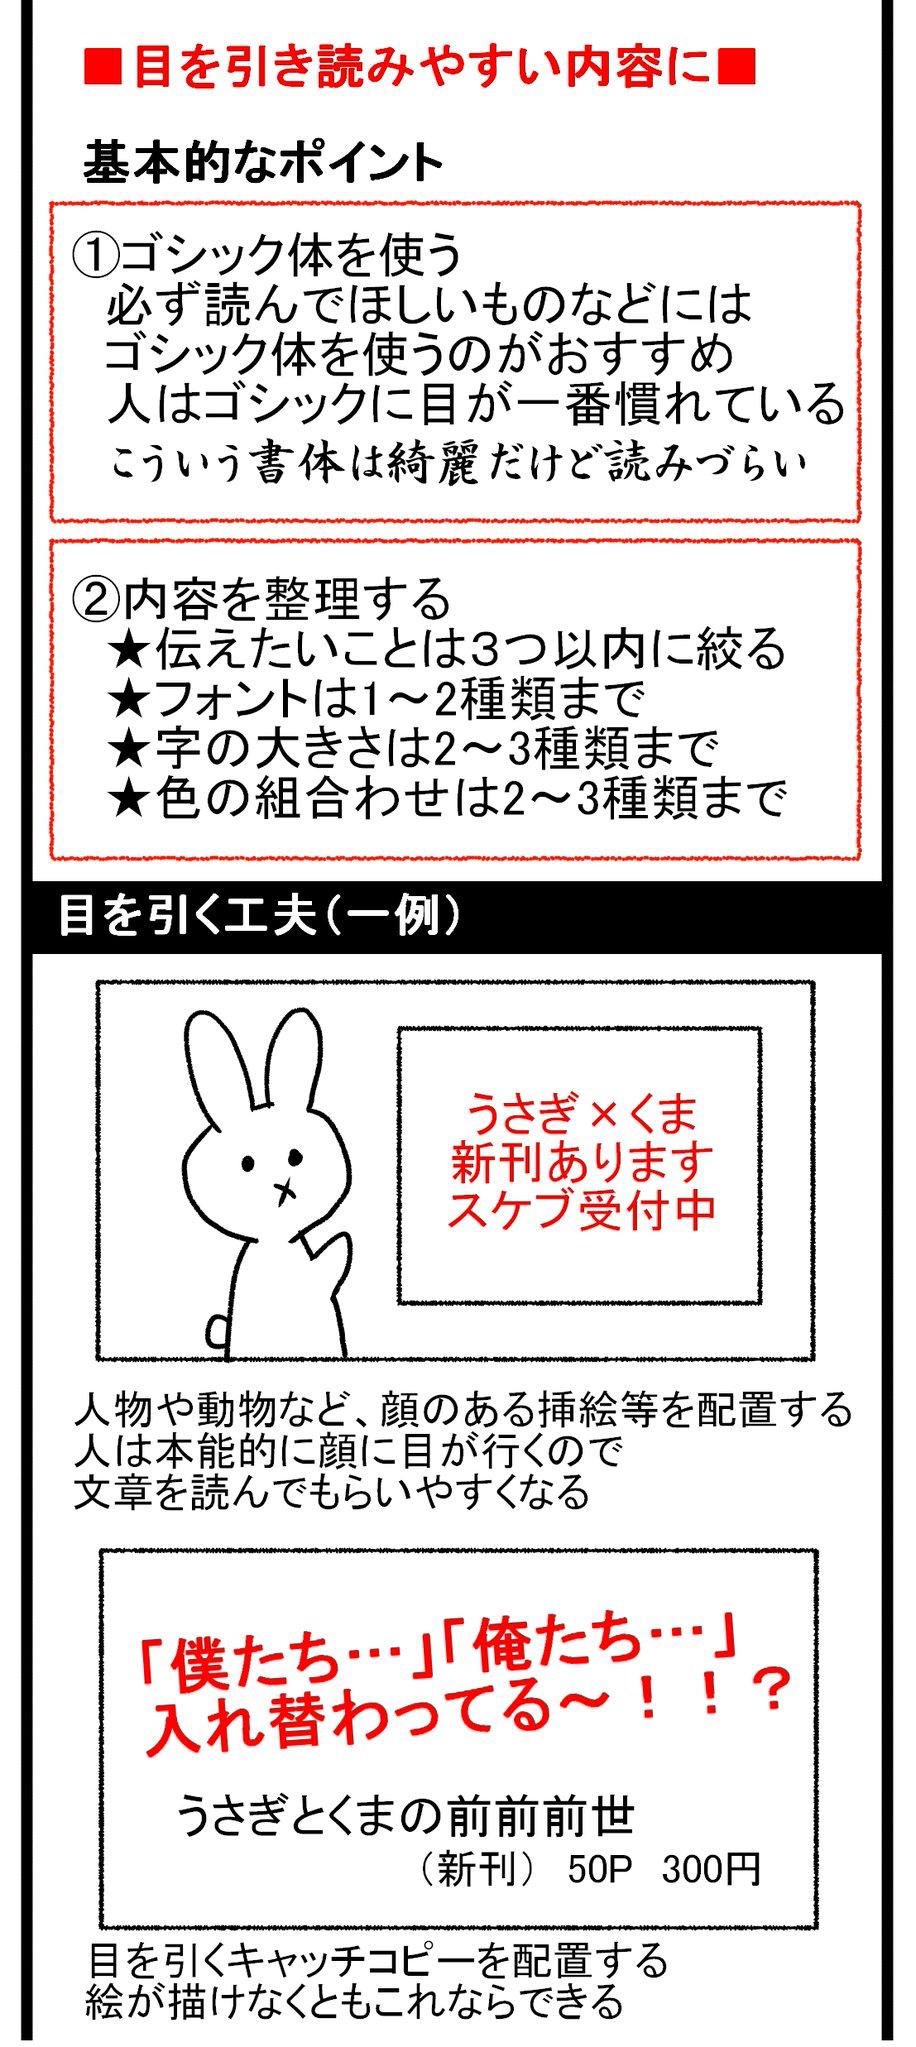 デザイン おしゃれまとめの人気アイデア Pinterest Satoshi Takotani 広告デザイン 名刺 デザイン デザイン 勉強